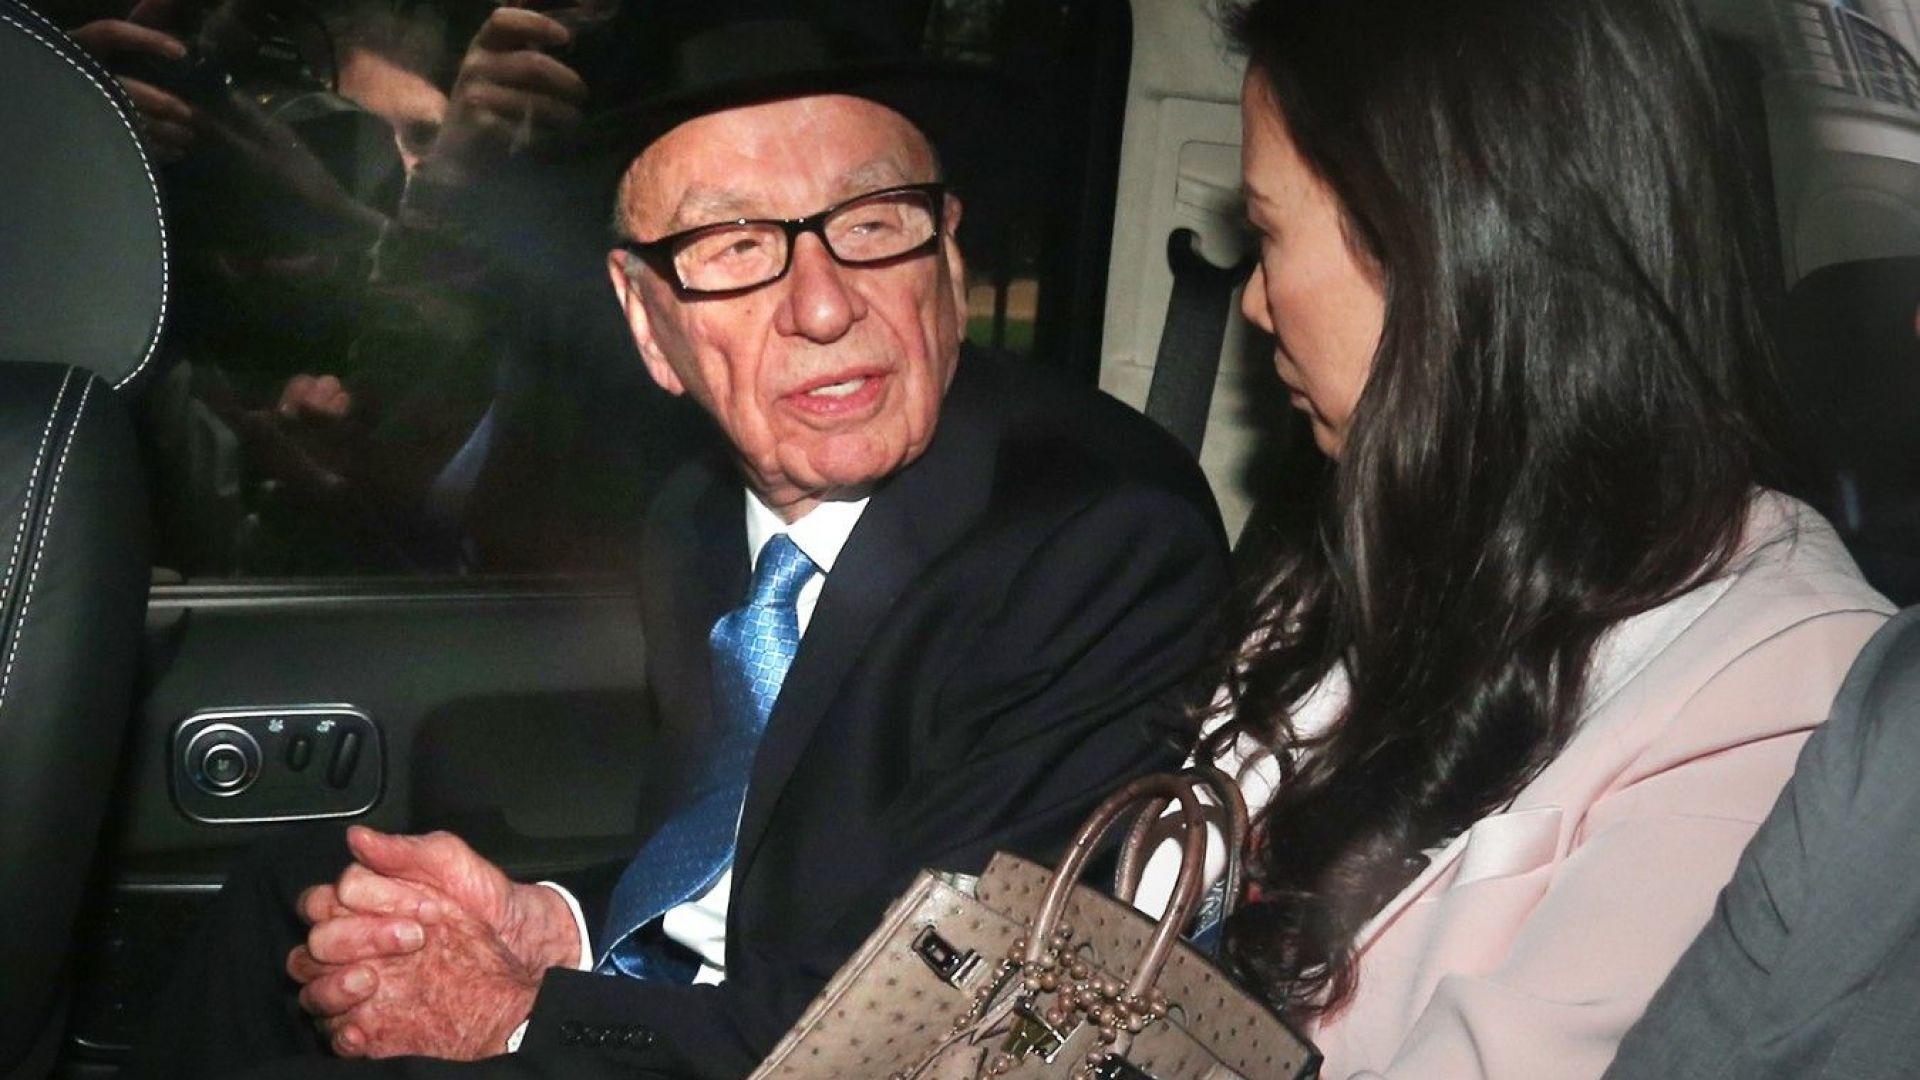 Рупърт Мърдок гледа към съпругата си Уенди Денг Мърдок в автомобила им, след като той даде показания в Кралския съд на 26 април 2012 г. Разследването се ръководи от лорд Джъстис Левсън и разглежда културата, практиката и етиката на пресата в Обединеното кралство